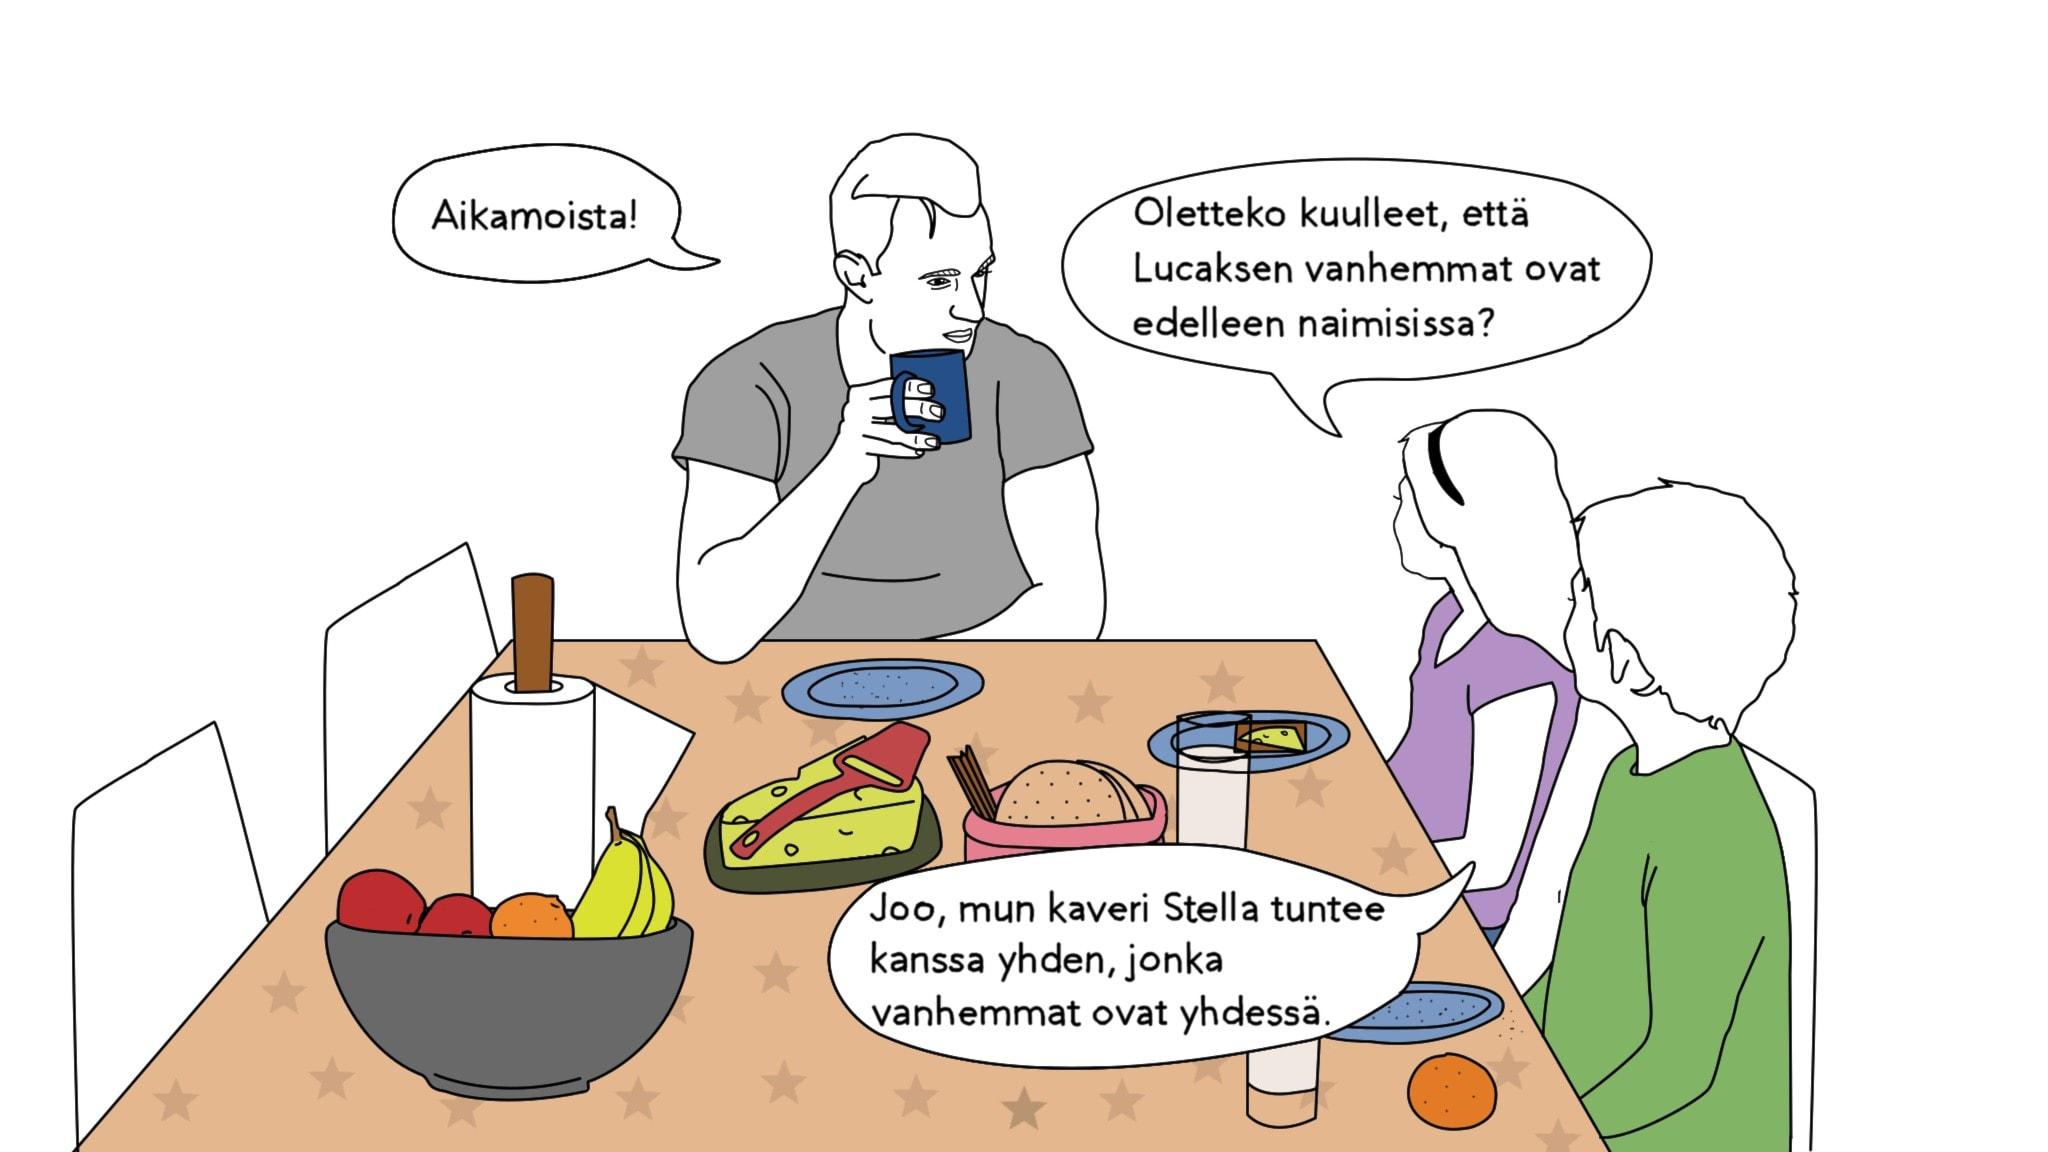 """Piirroskuva, jossa isä ja kaksi lasta istuvat aamiaspöydässä. Puhekuplissa vuoropuhelu: Tyttö: """"Oletteko kuulleet, että Lucaksen vanhemmat ovat yhä yhdessä"""" Poika: """"Mun kaveri Stella tuntee kanssa yhden, jonka vanhemmat on yhdessä"""" Isä: """"Aikamoista"""""""